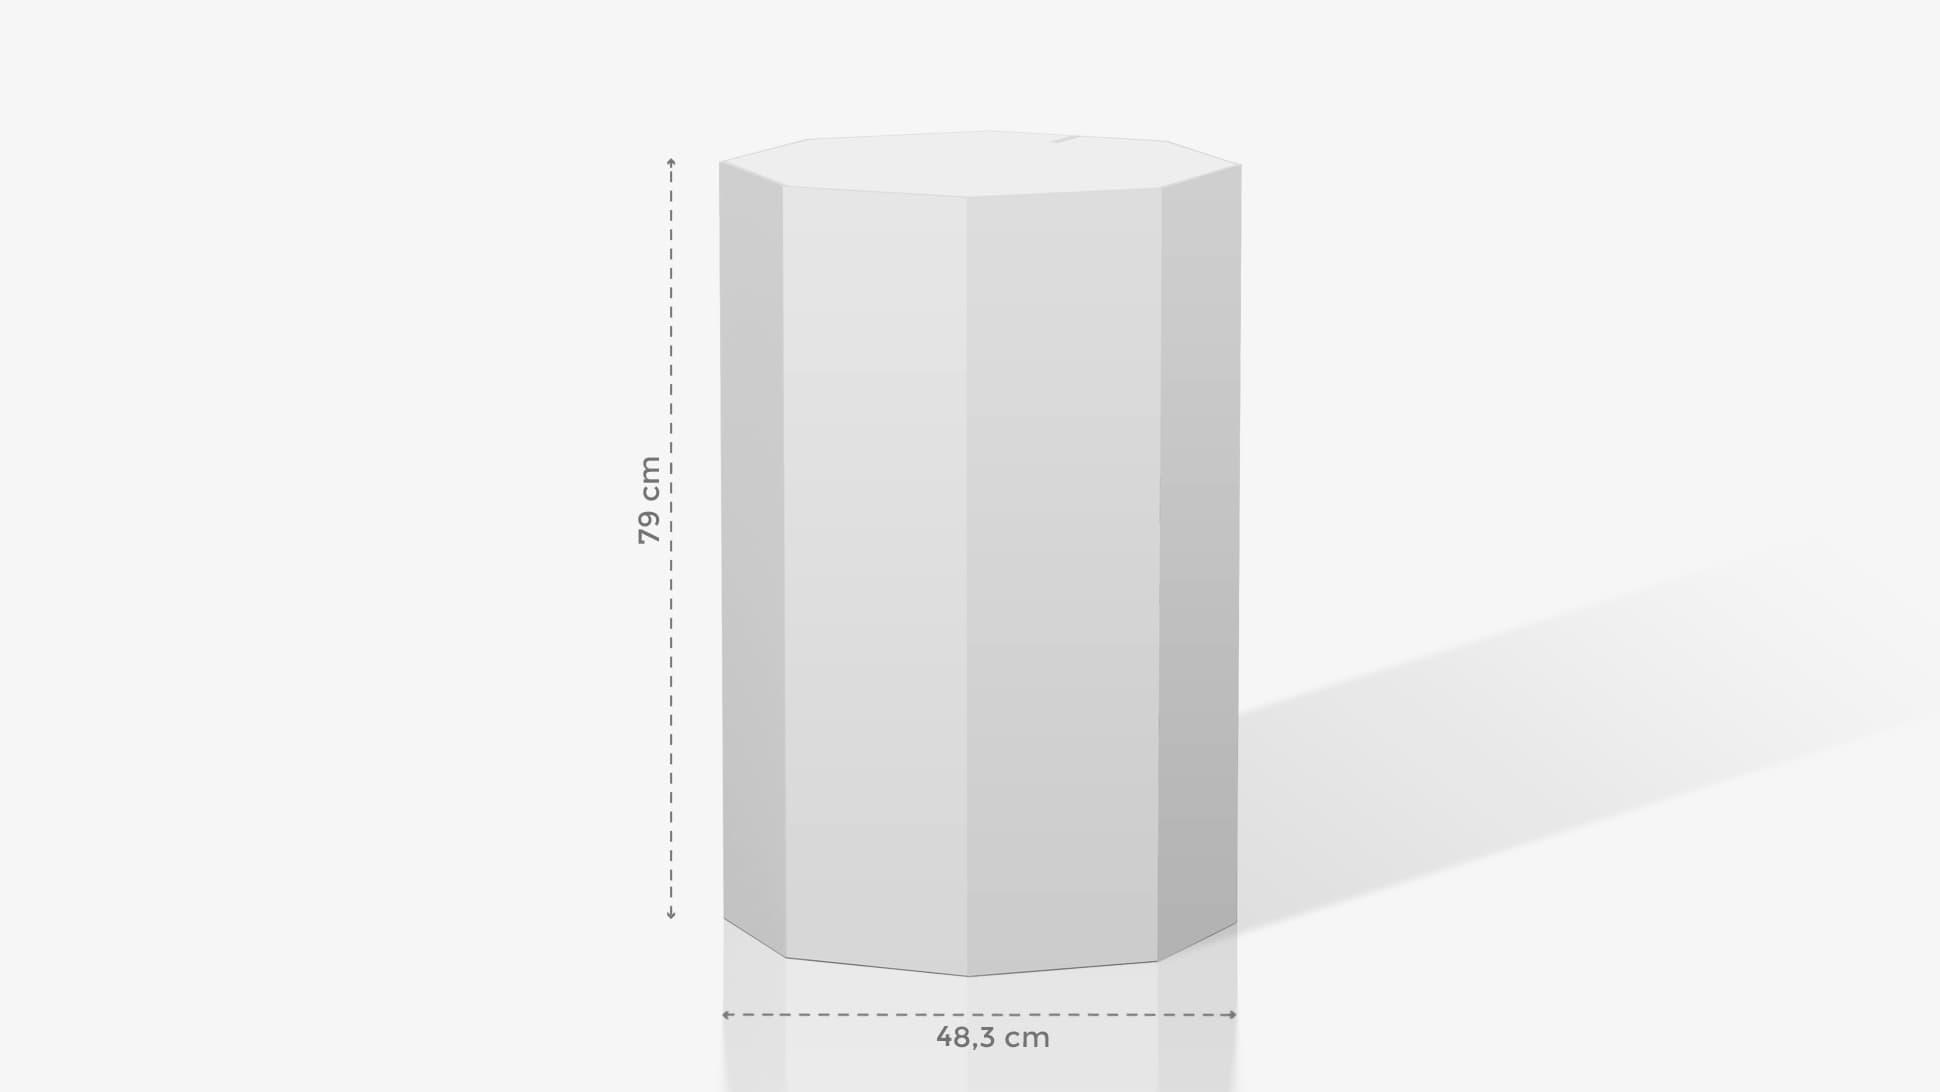 Espositore a ottagono medio-grande personalizzabile | tictac.it